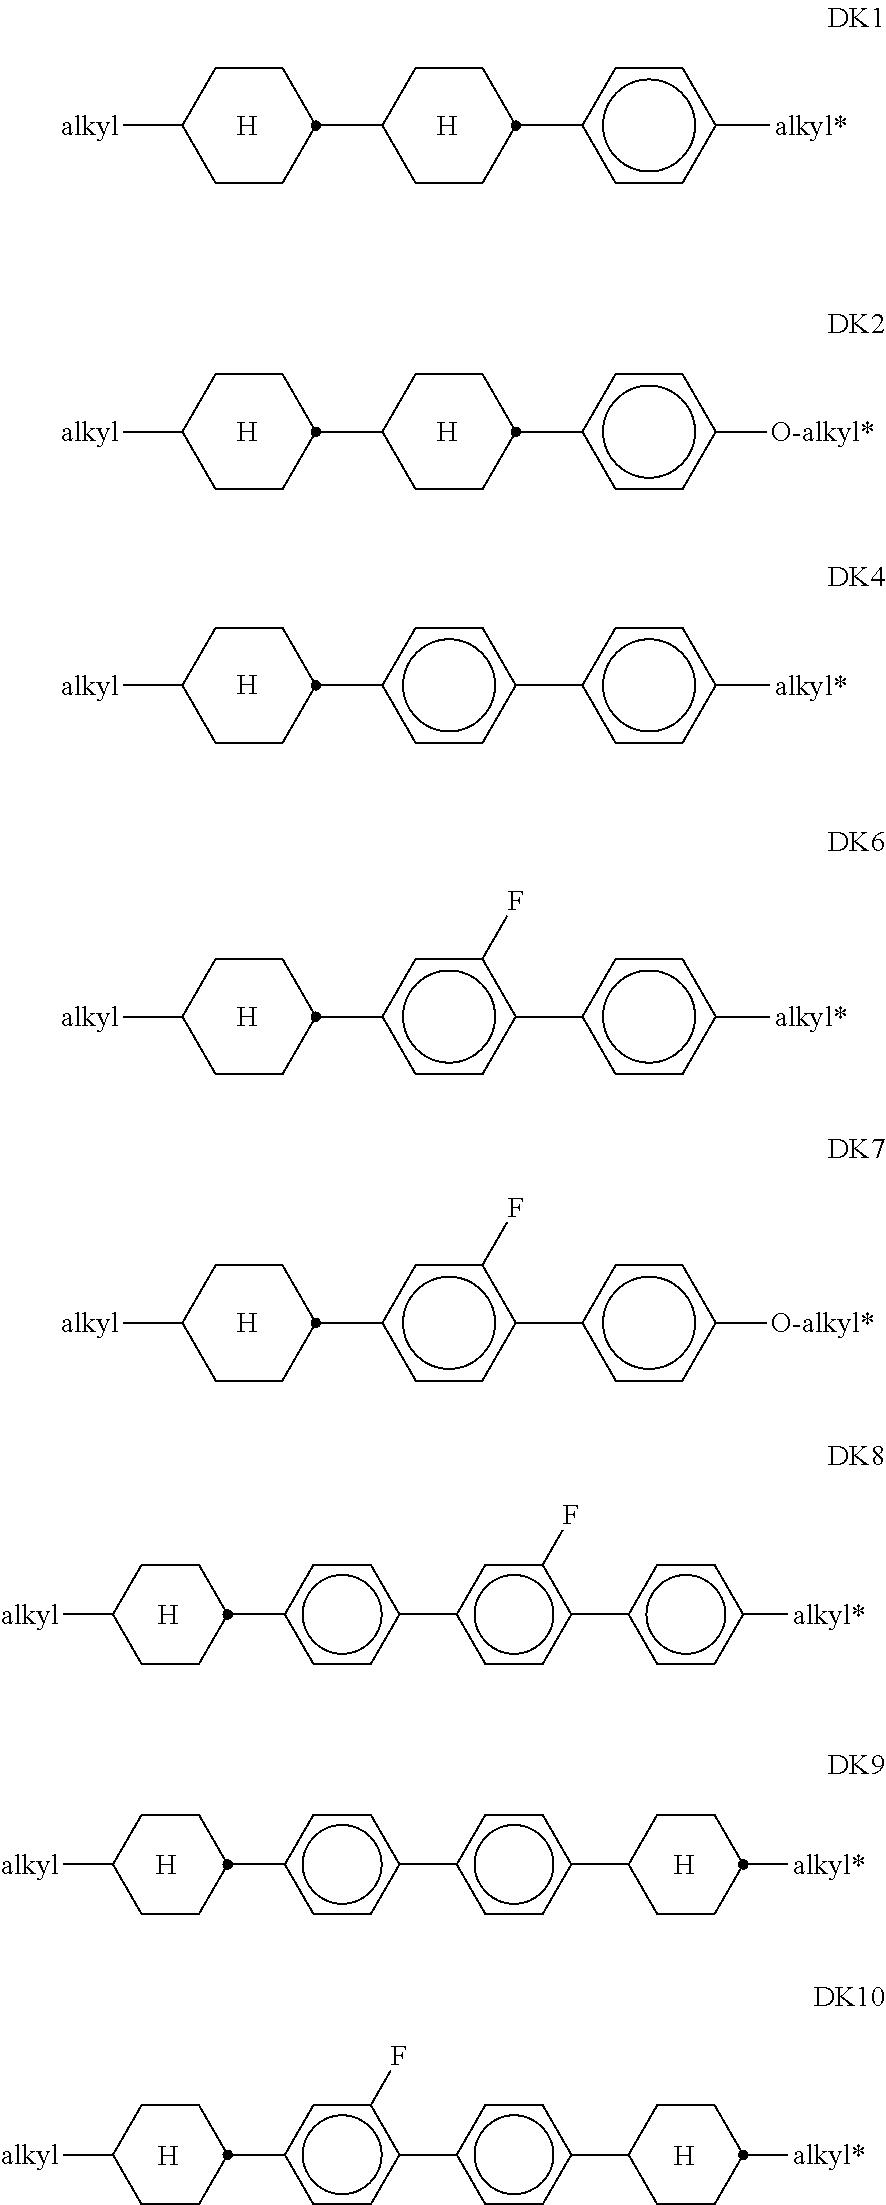 Figure US20100304049A1-20101202-C00034